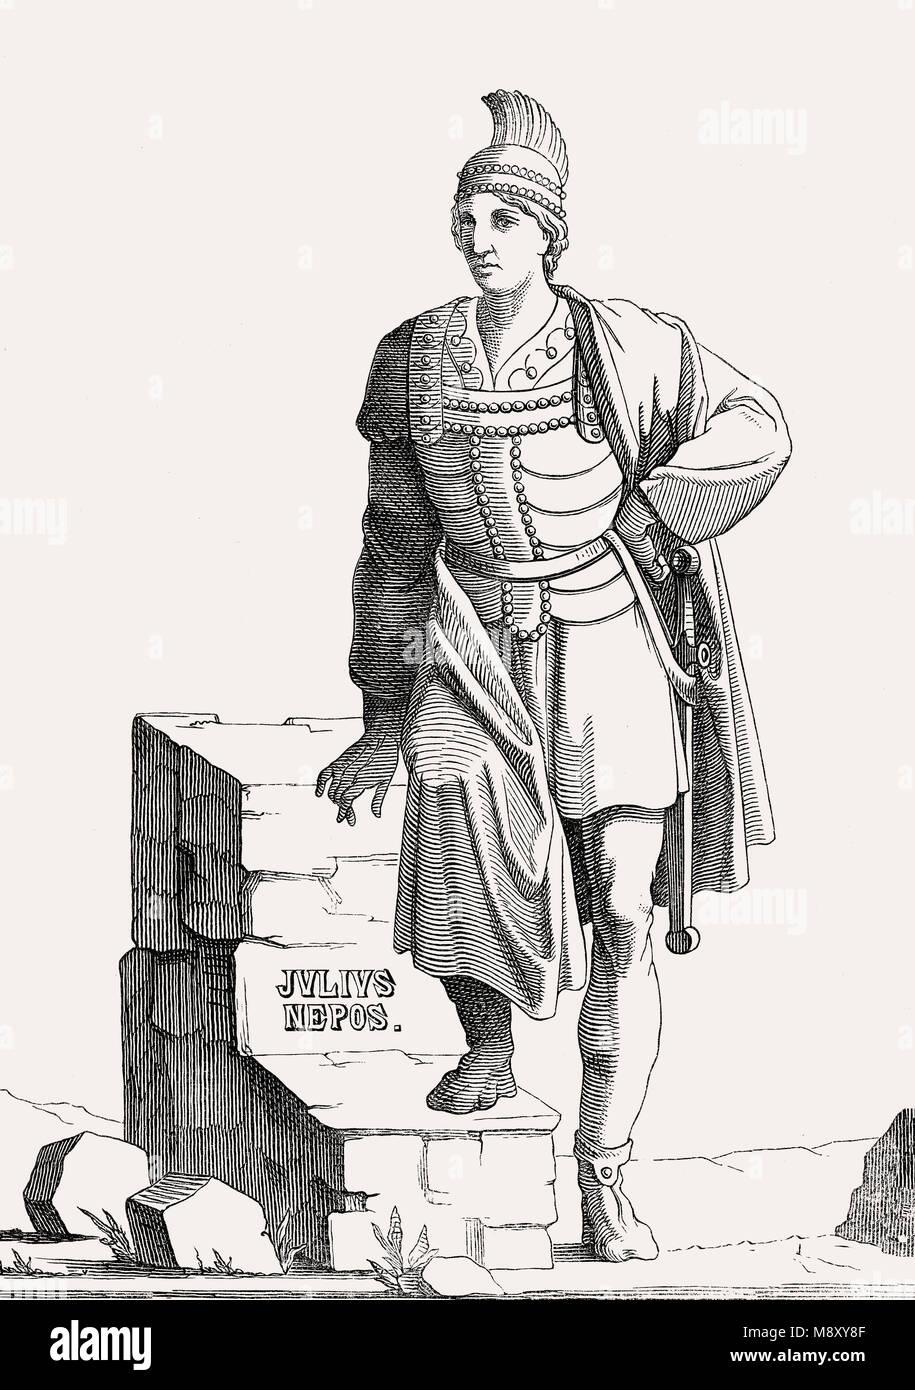 Julius Nepos, Westlichen Römischen Kaiser de facto von 474 bis 475 Stockbild